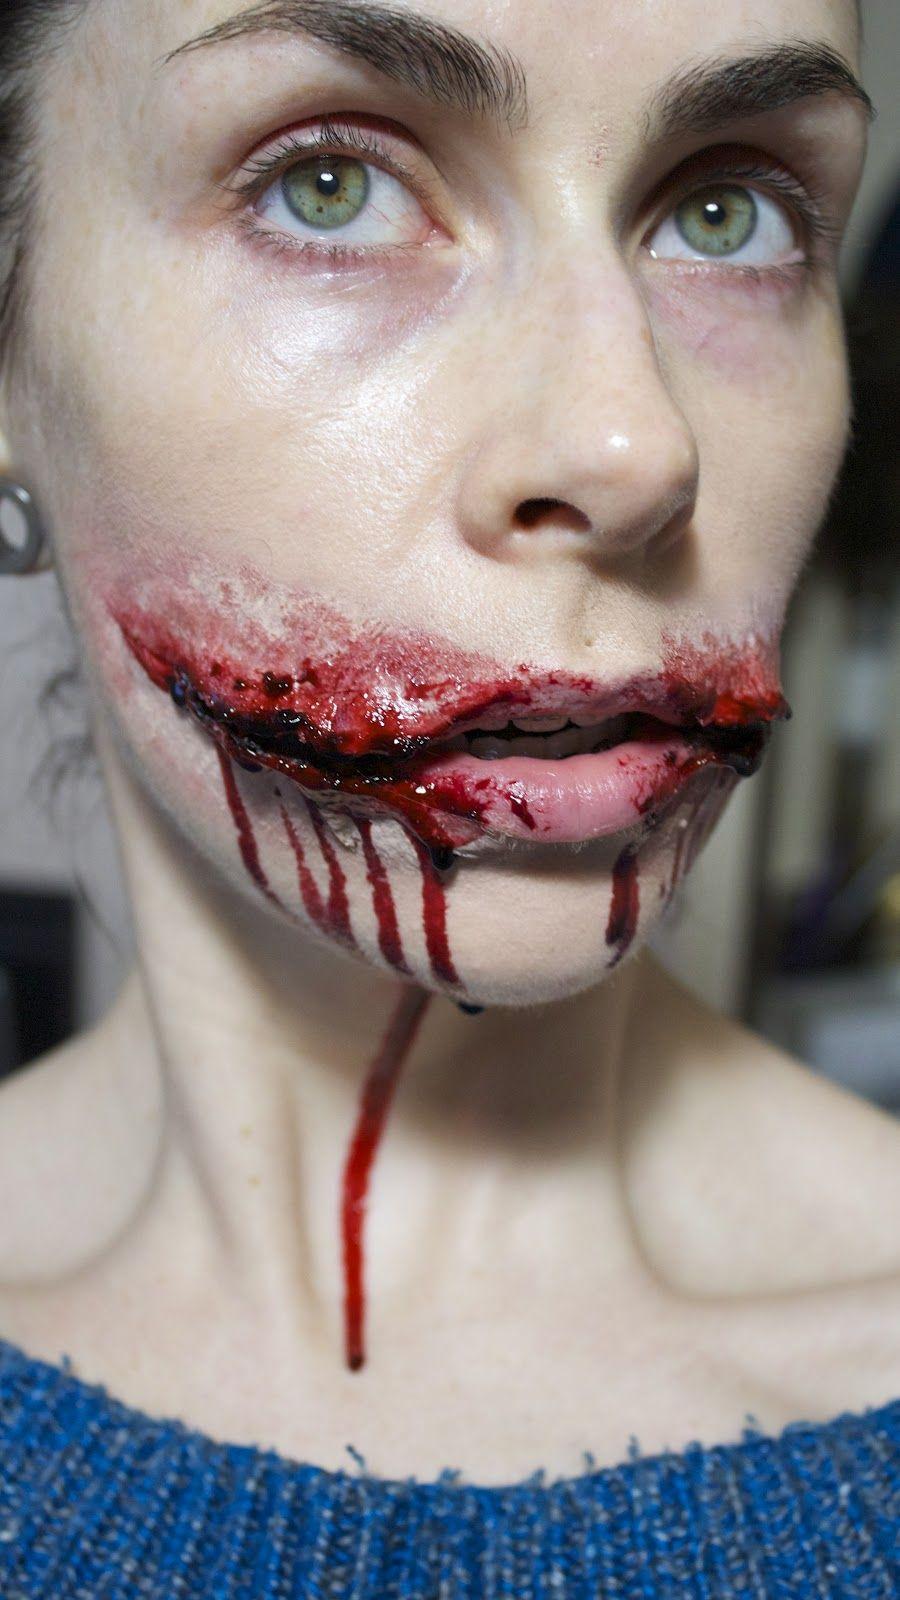 Trauma Makeup/ Chelsea Smile | Makeup Morgue | Pinterest | Trauma ...